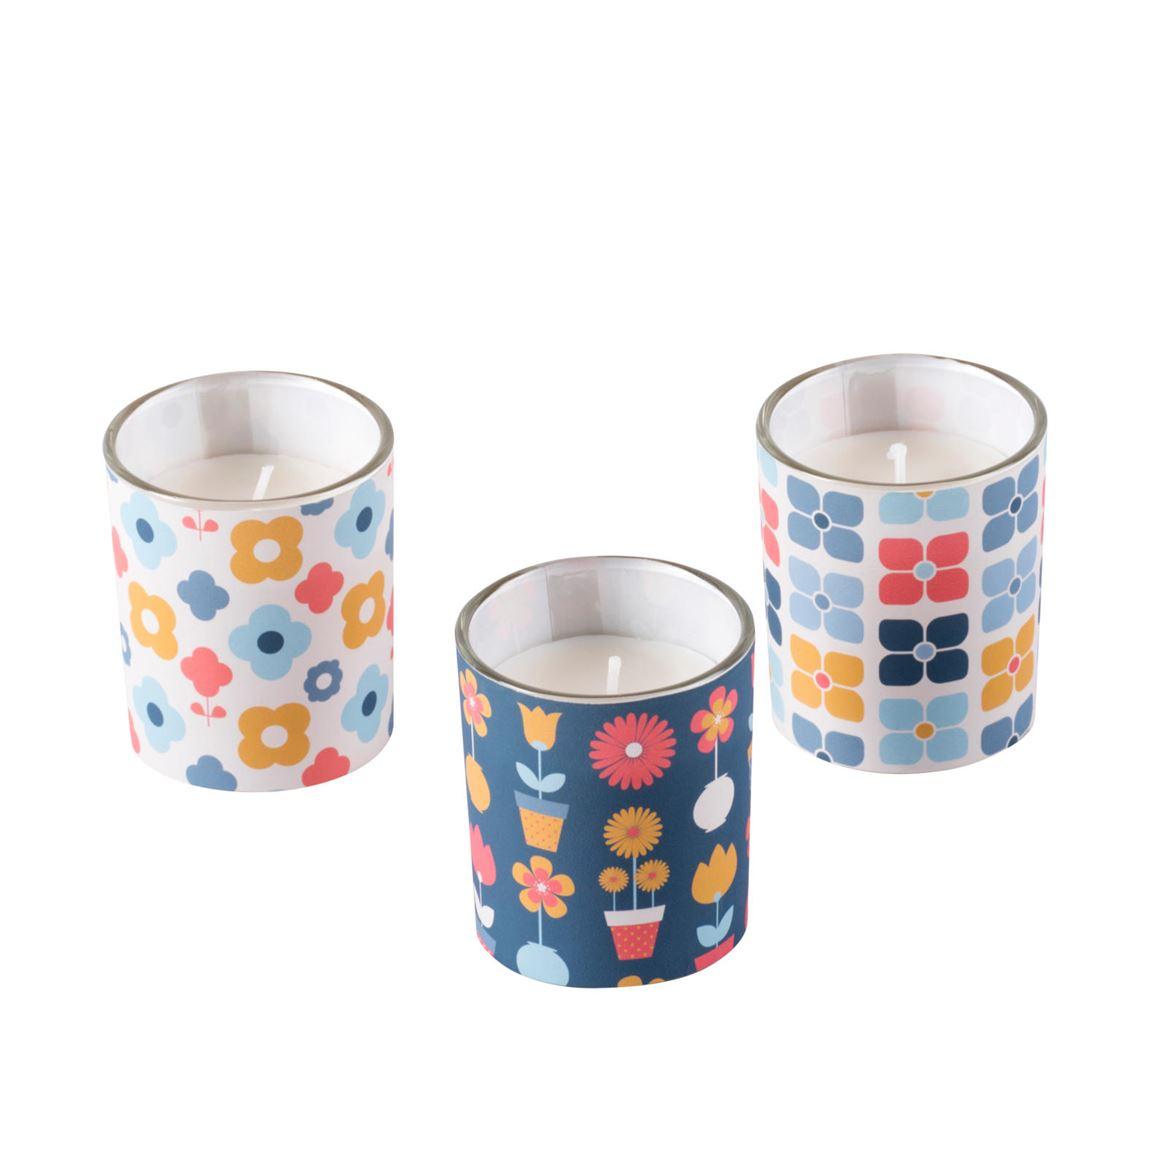 Set de 3 bougies Jackie (Coloris au choix)  - H 6 cm, Ø 5 cm